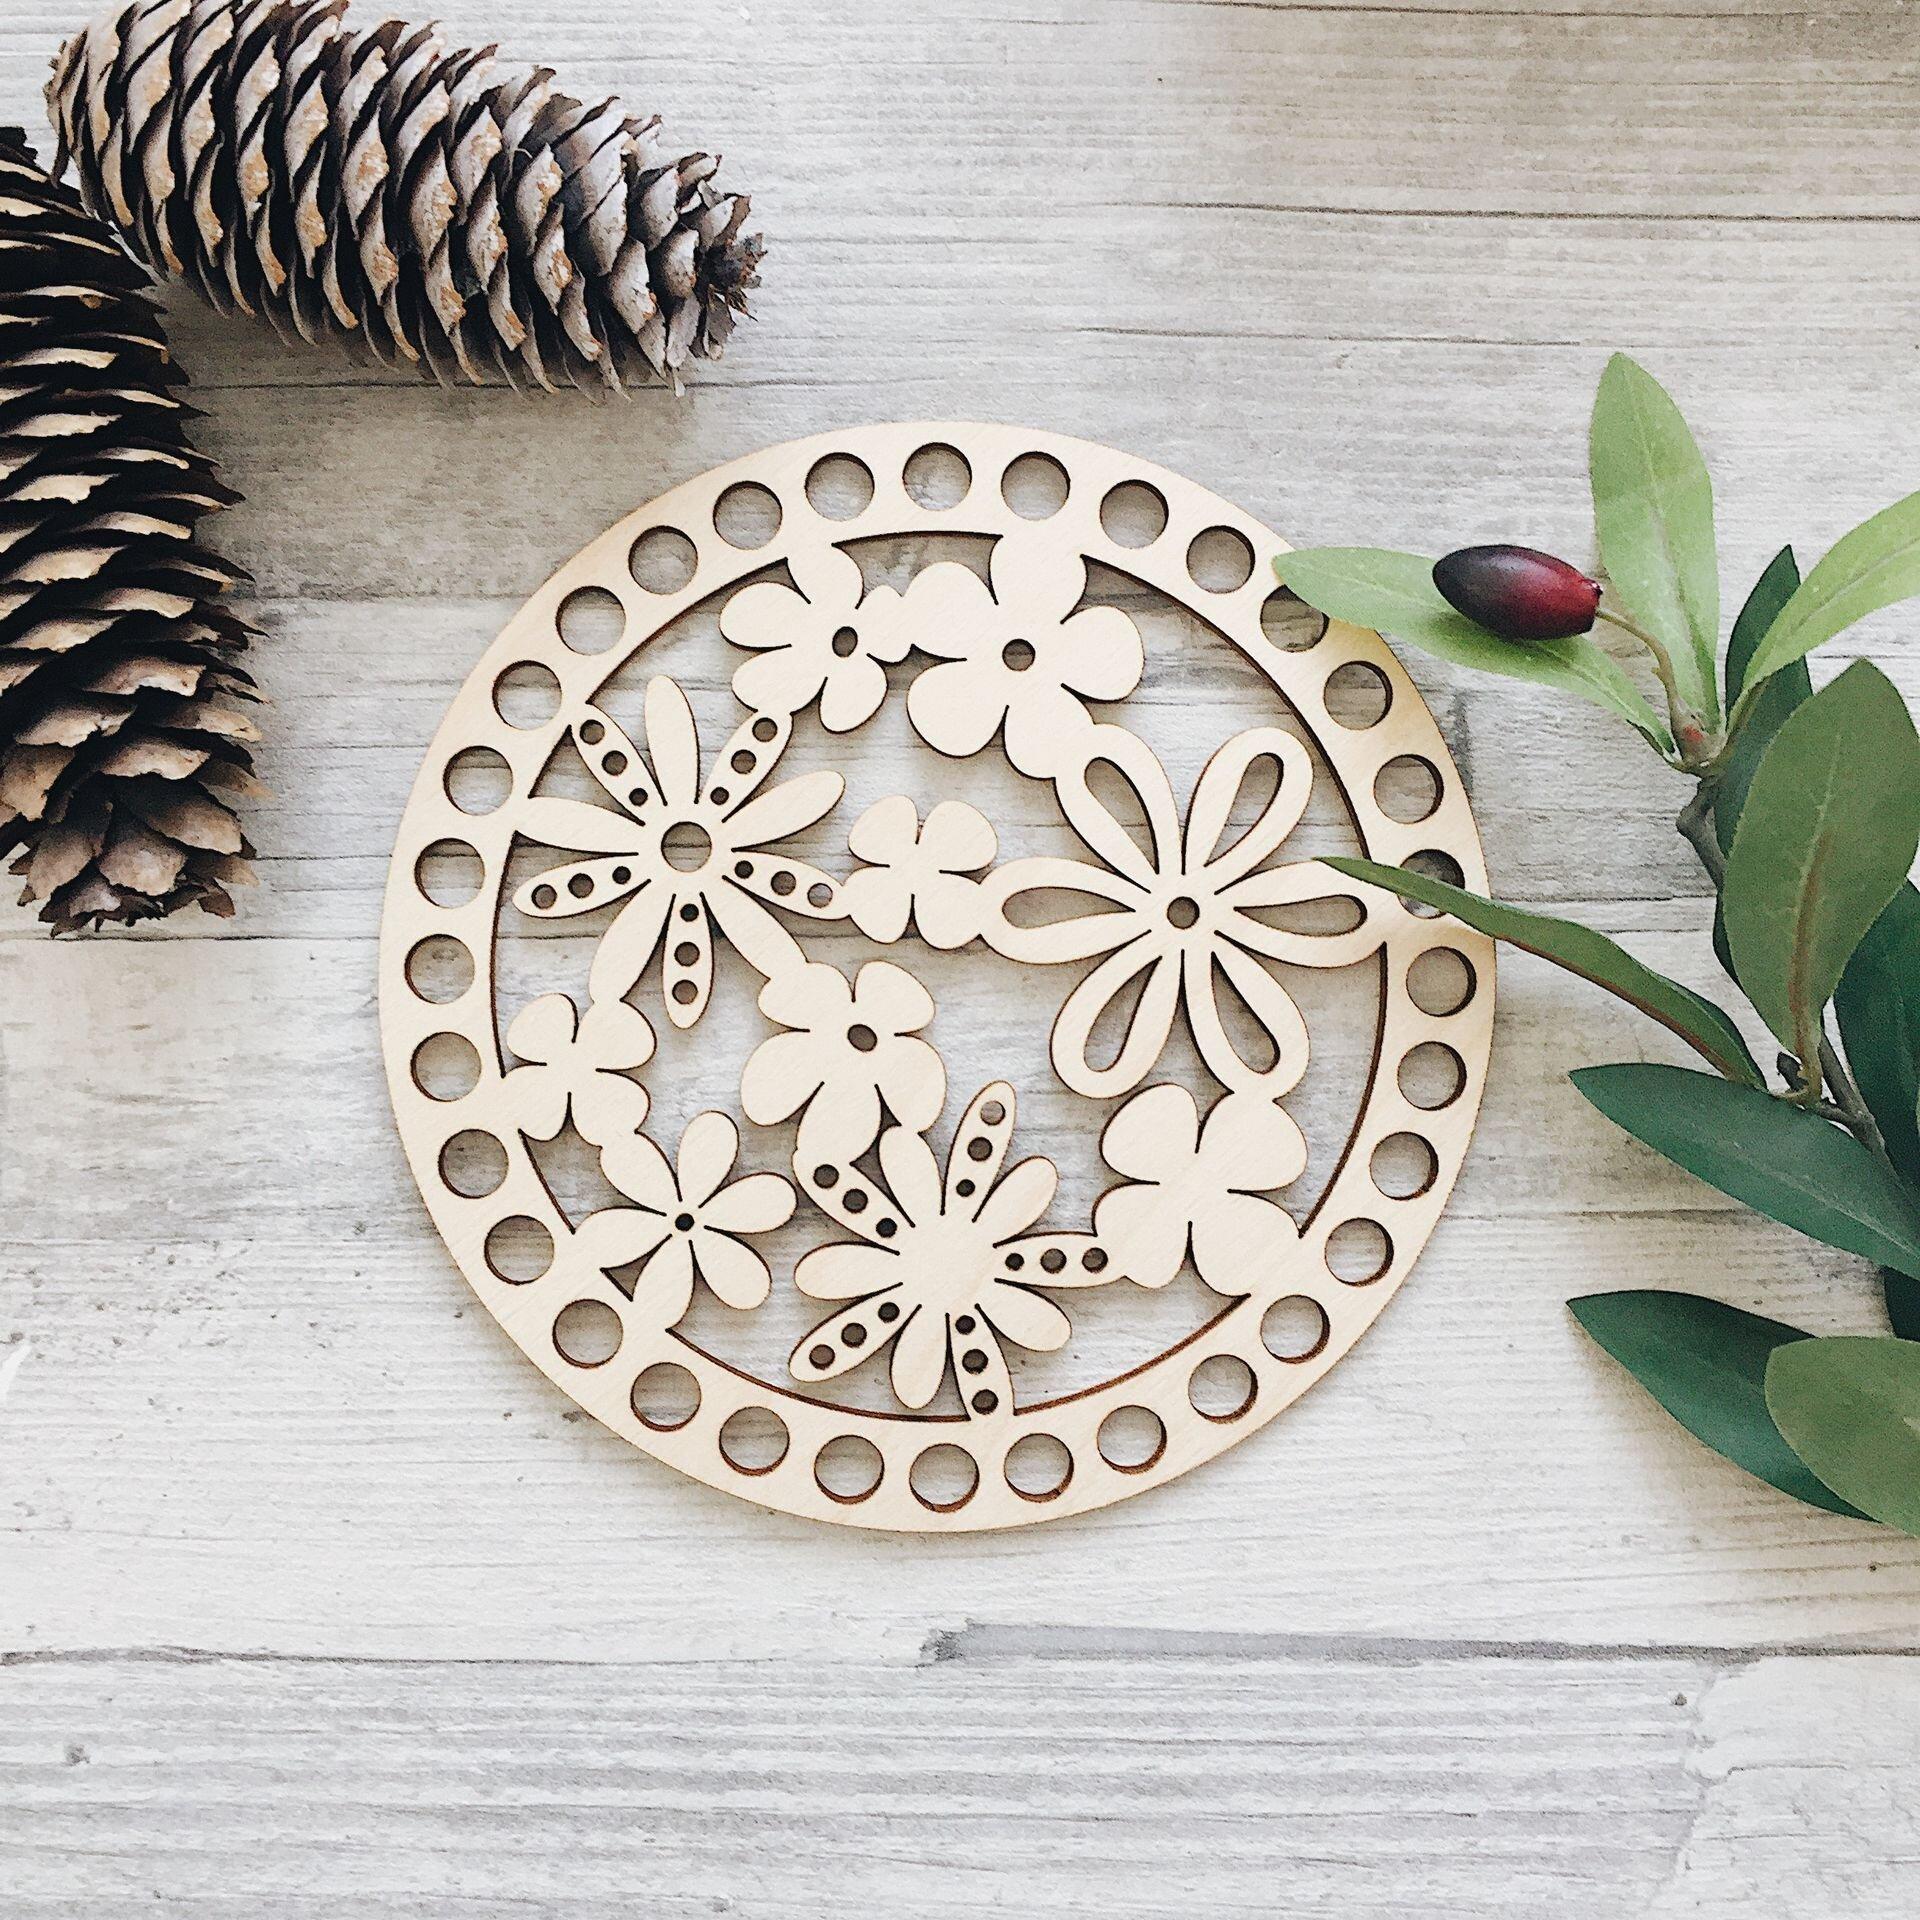 Деревянная резная крышка для корзинки, круг с цветочками 15см - фото pic_41de812319ff34a_1920x9000_1.jpg